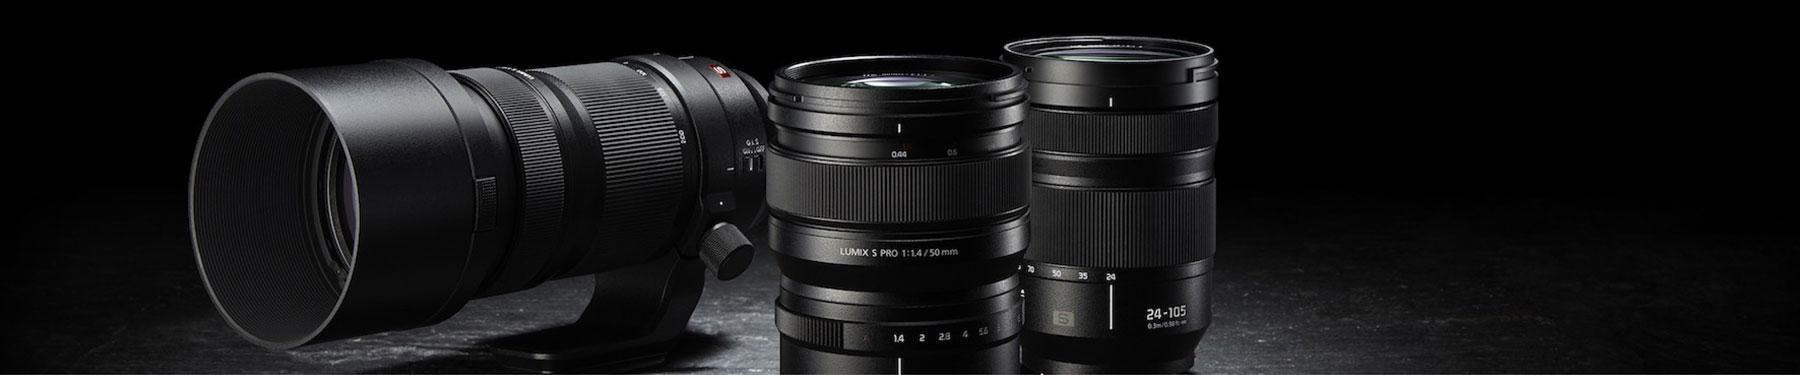 Panasonic Lumix S-Objektive